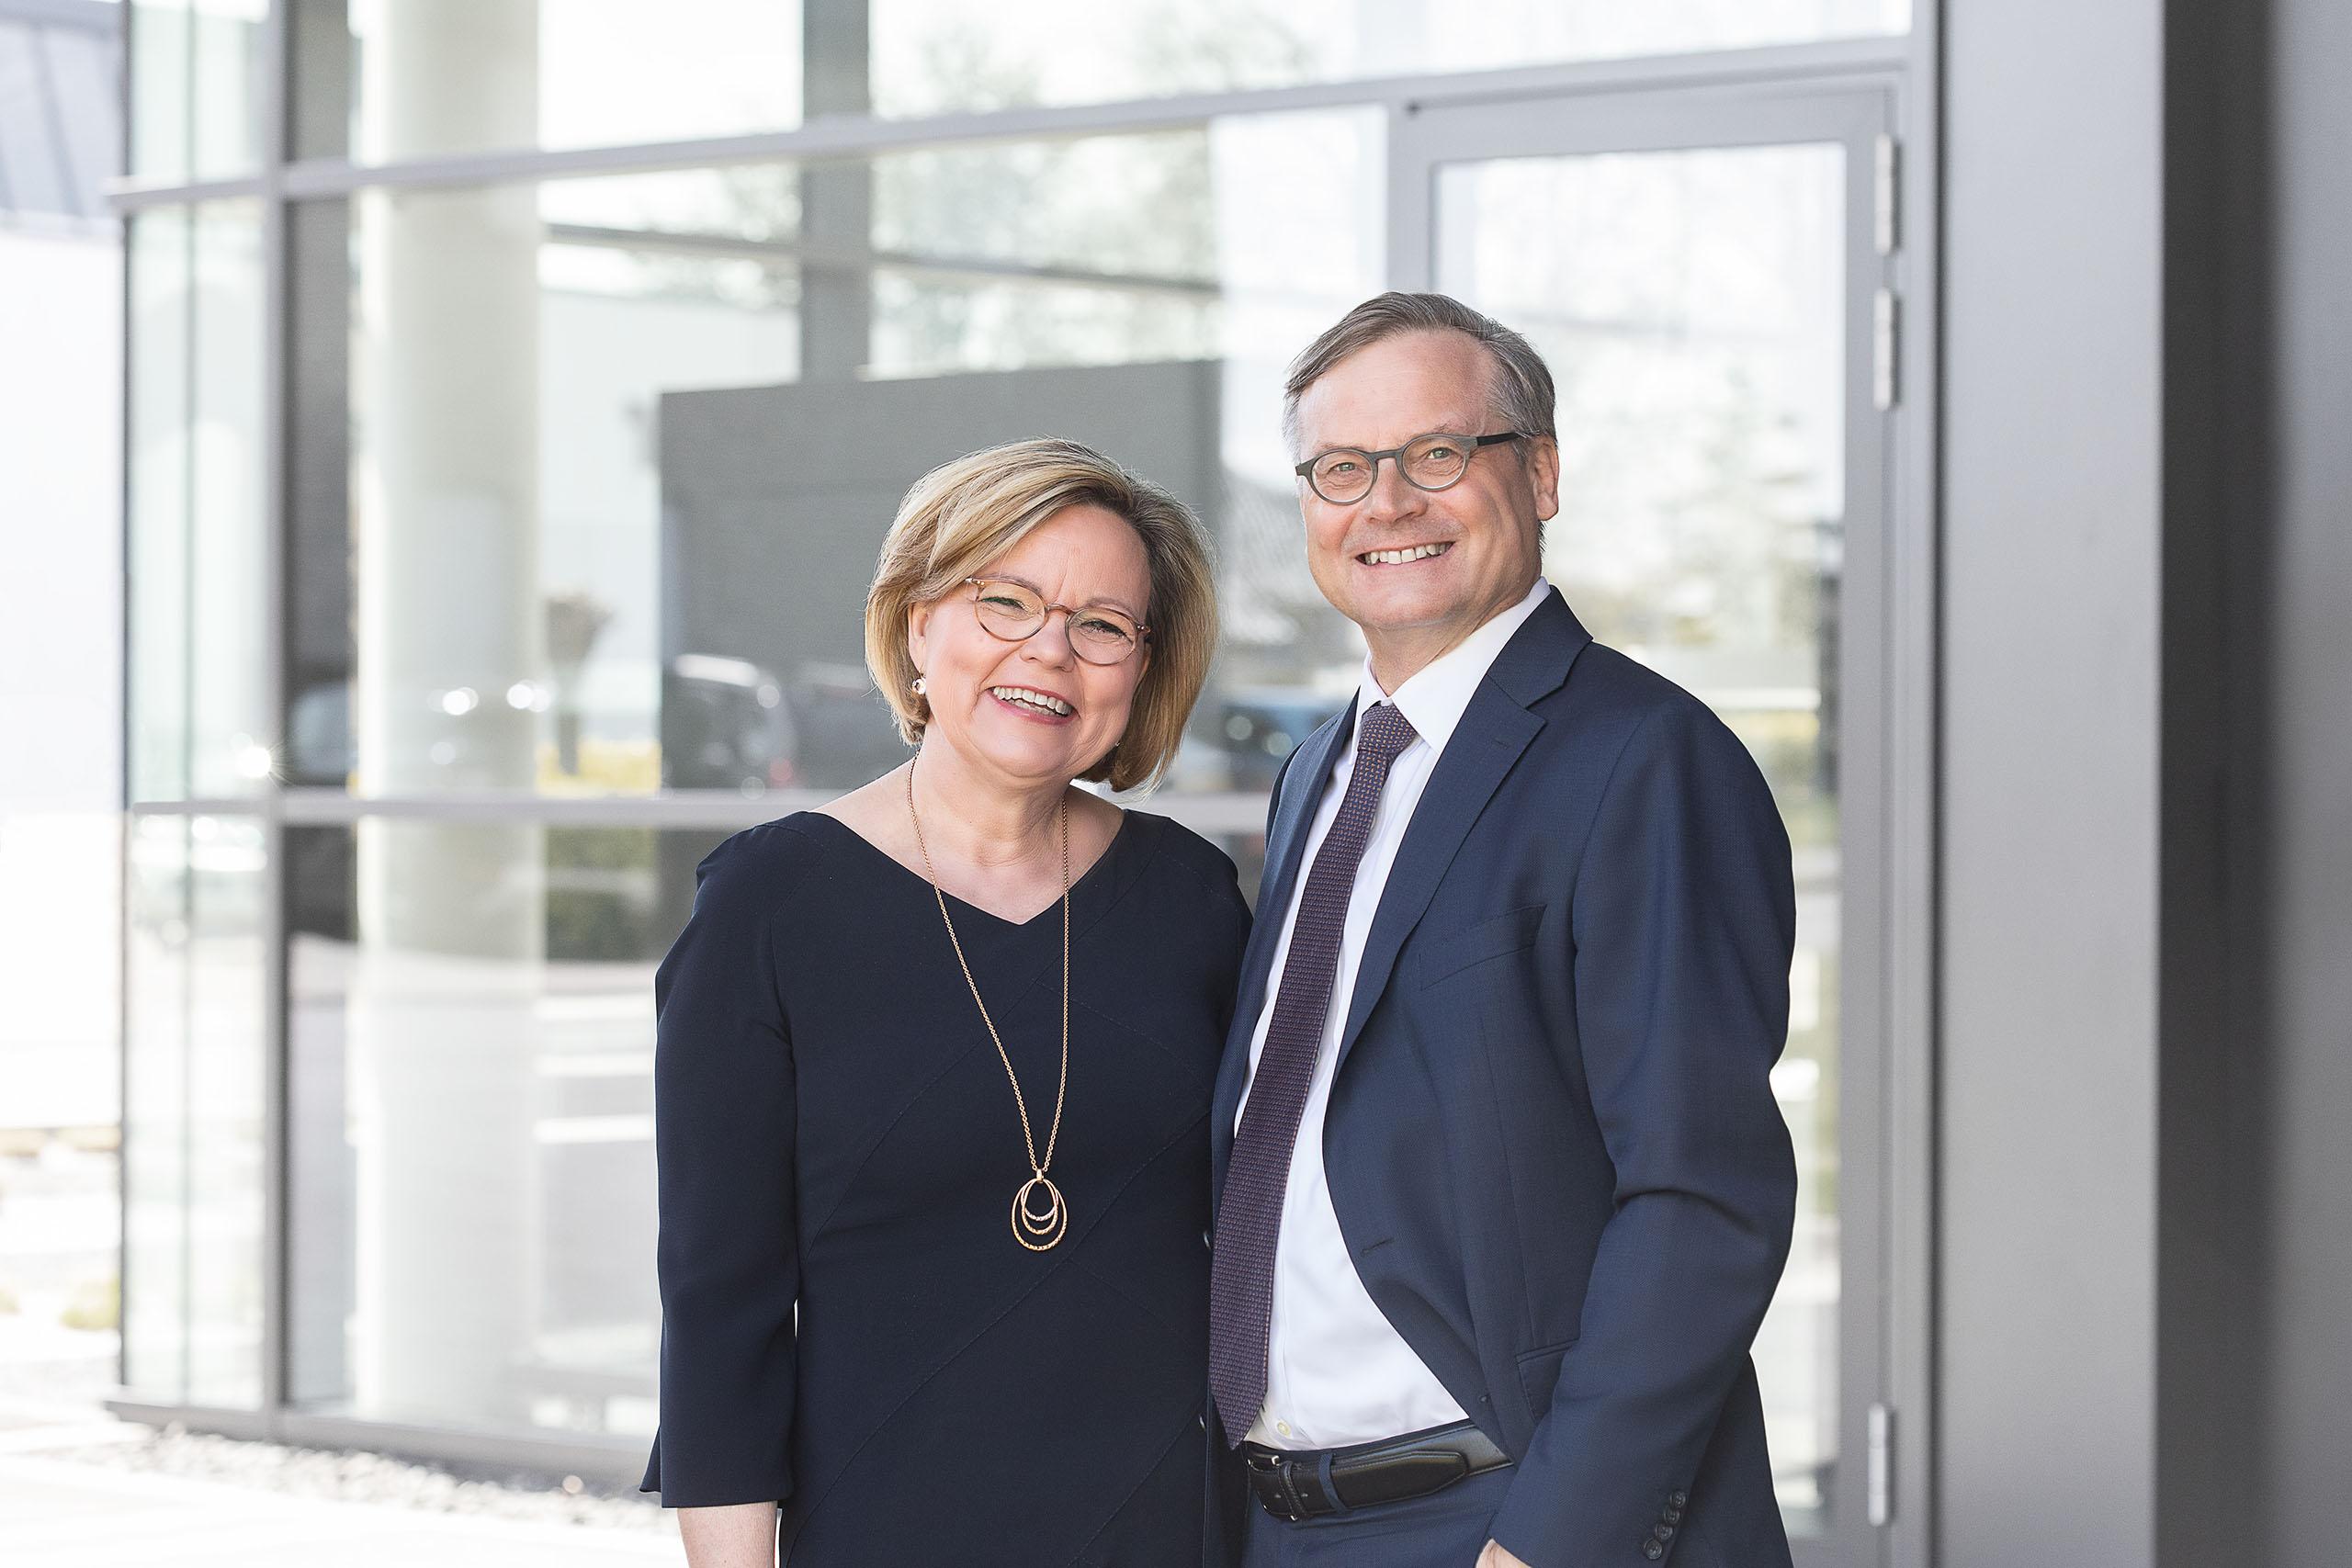 Associés gérants : Ines Oberberg-Schnittke et Dr. Jürgen Schnittke